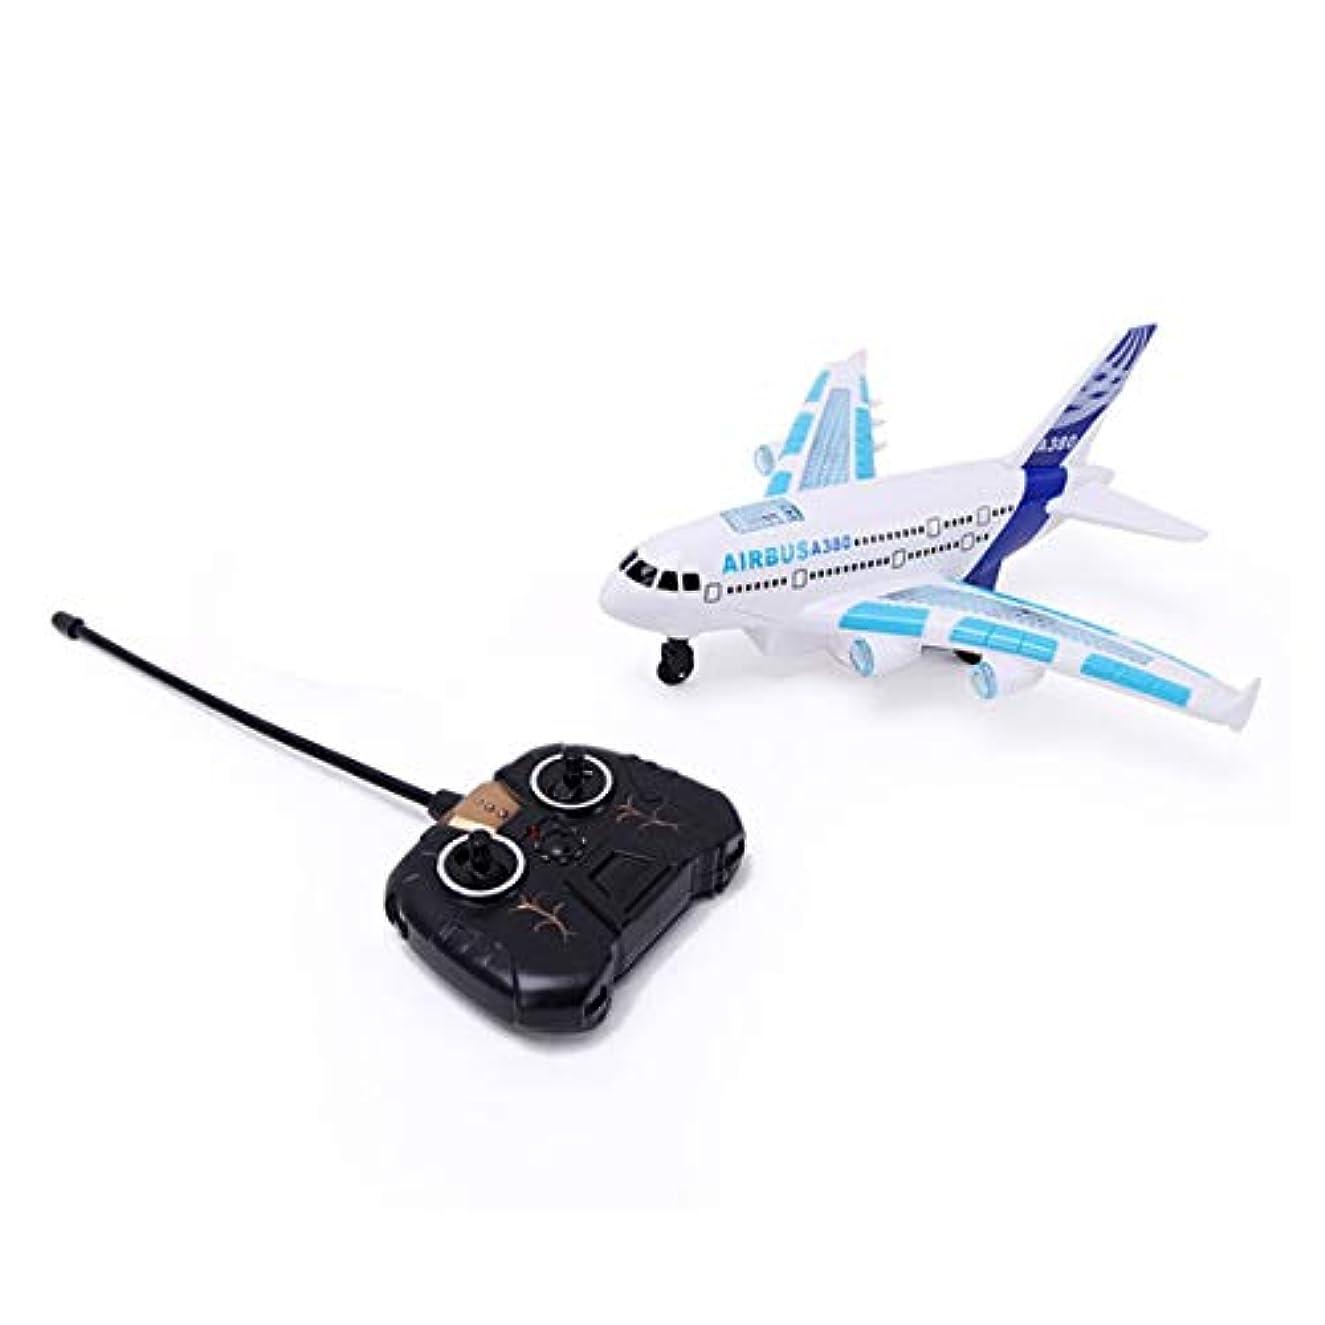 トーン線形求めるA380リモートコントロール航空機ボーイズエアバスおもちゃ飛行機モデルカラフルなライト音楽電動飛行機早期教育おもちゃ